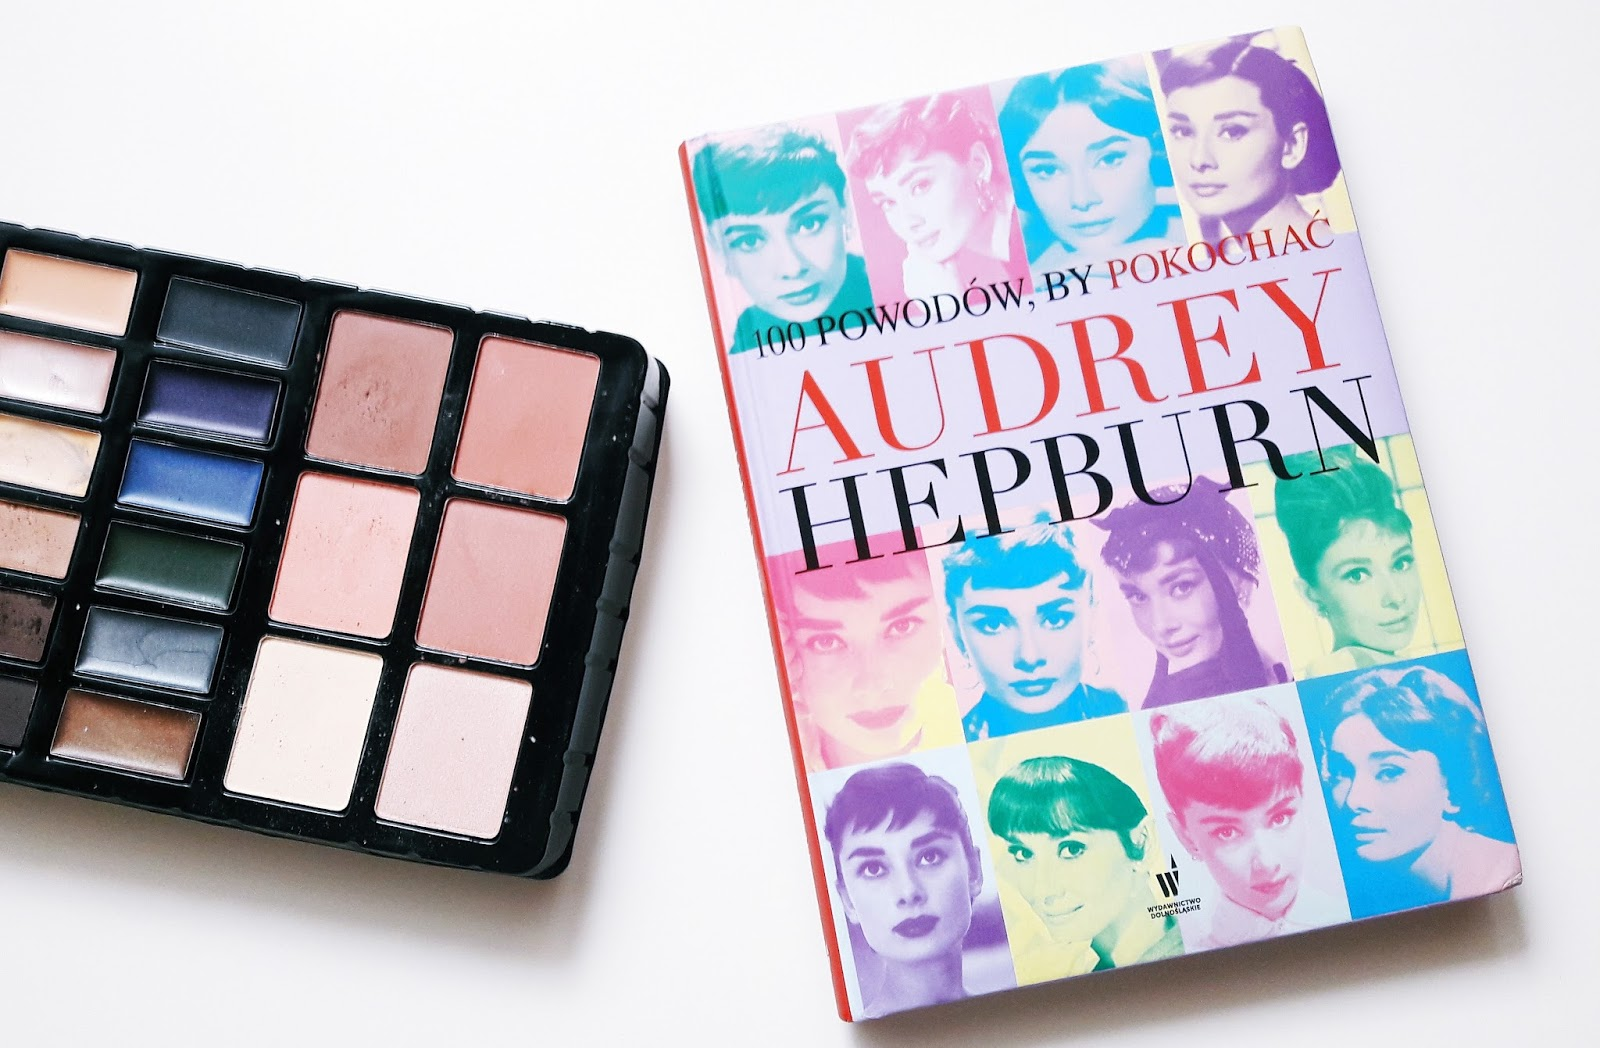 100 powodów, by pokochać Audrey Hepburn.